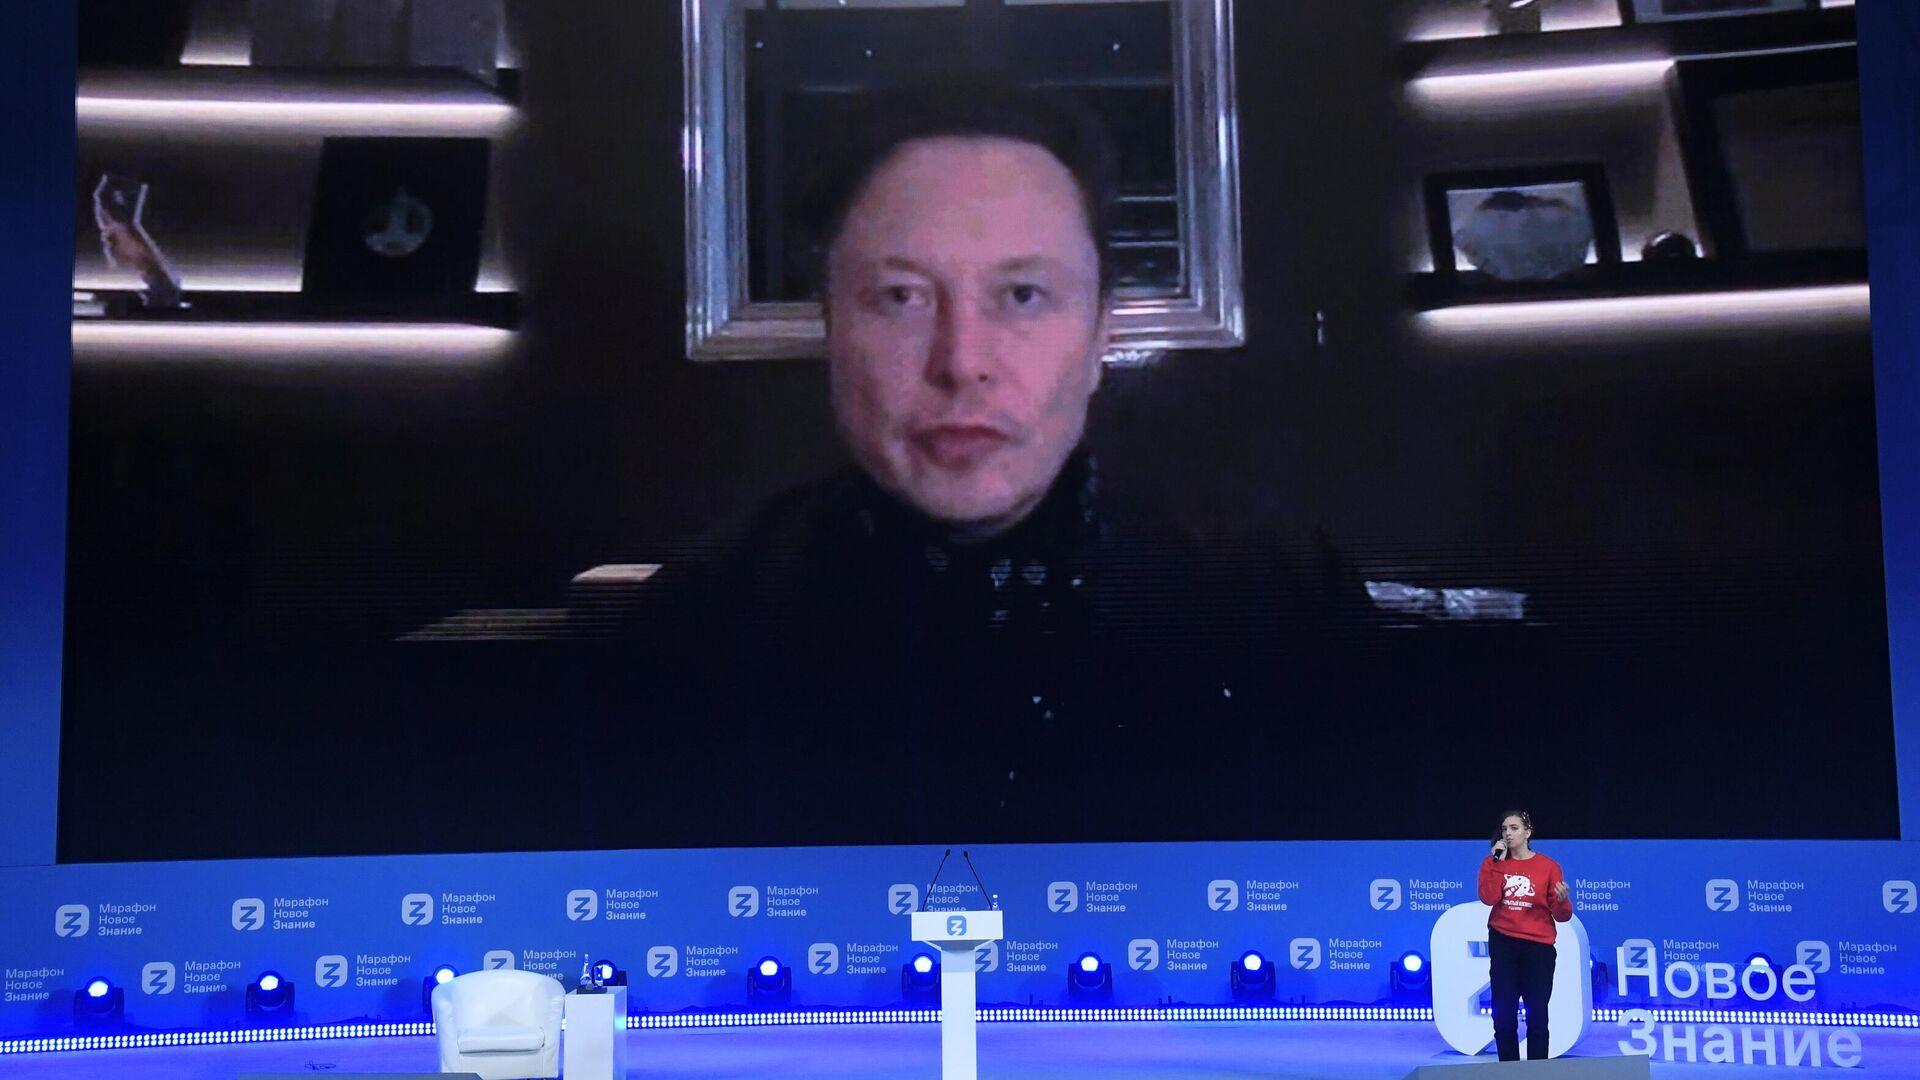 Маск рассказал о залах имени Циолковского и Королева в своей компании